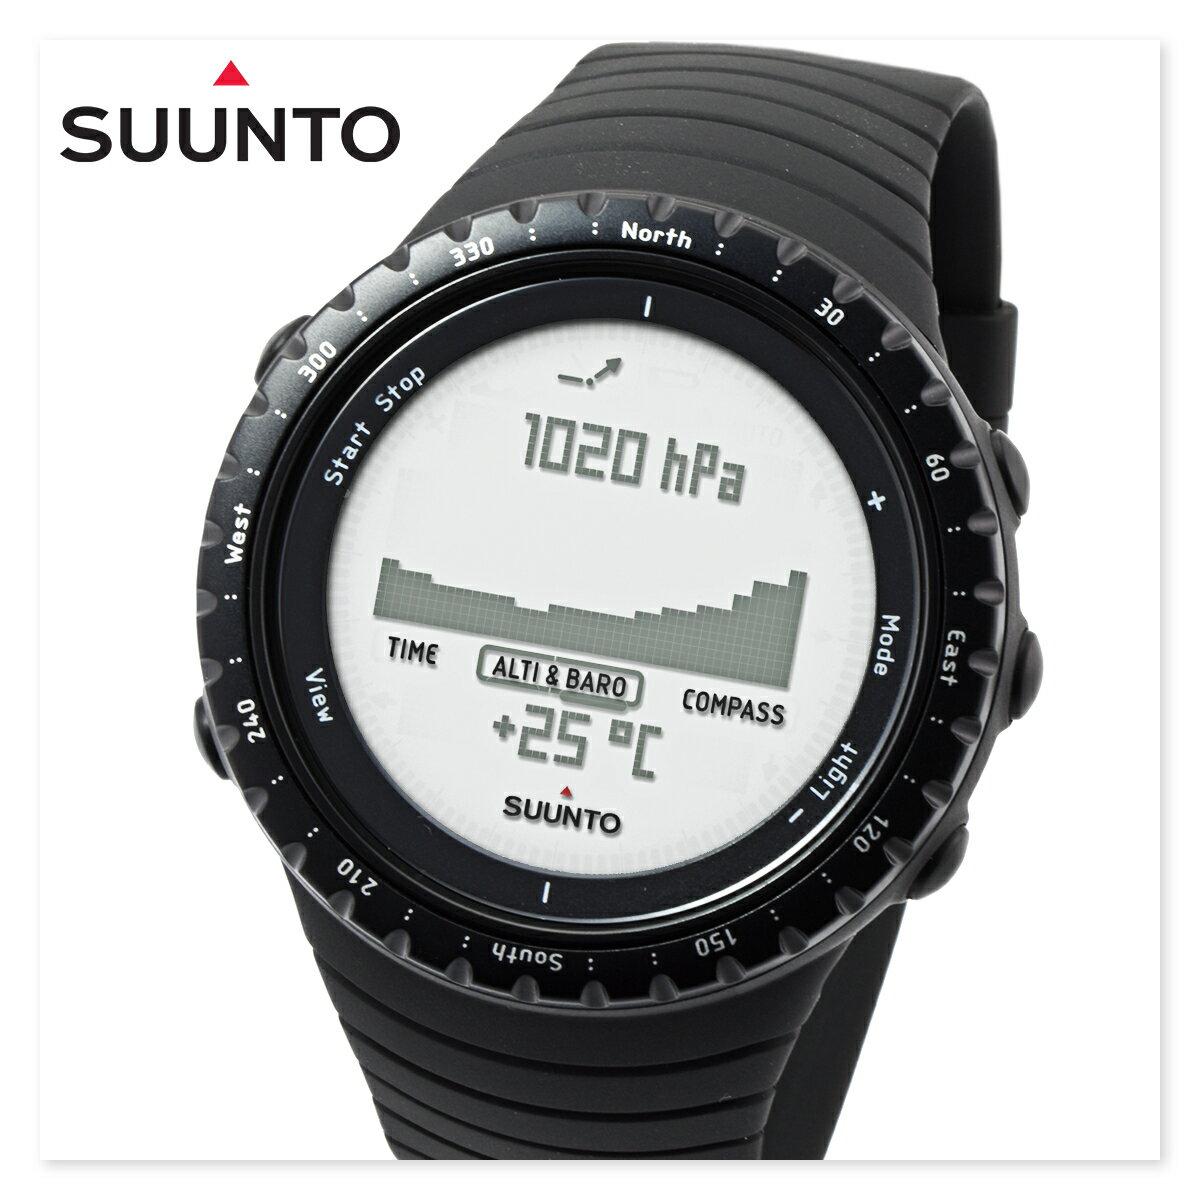 【定価より56%off】SUUNTO スント SS014809000 コア レギュラー ブラック CORE REGULAR BLACK スントコア メンズ レディース 時計 腕時計 山岳 登山 トレッキング ハイキング[あす楽]